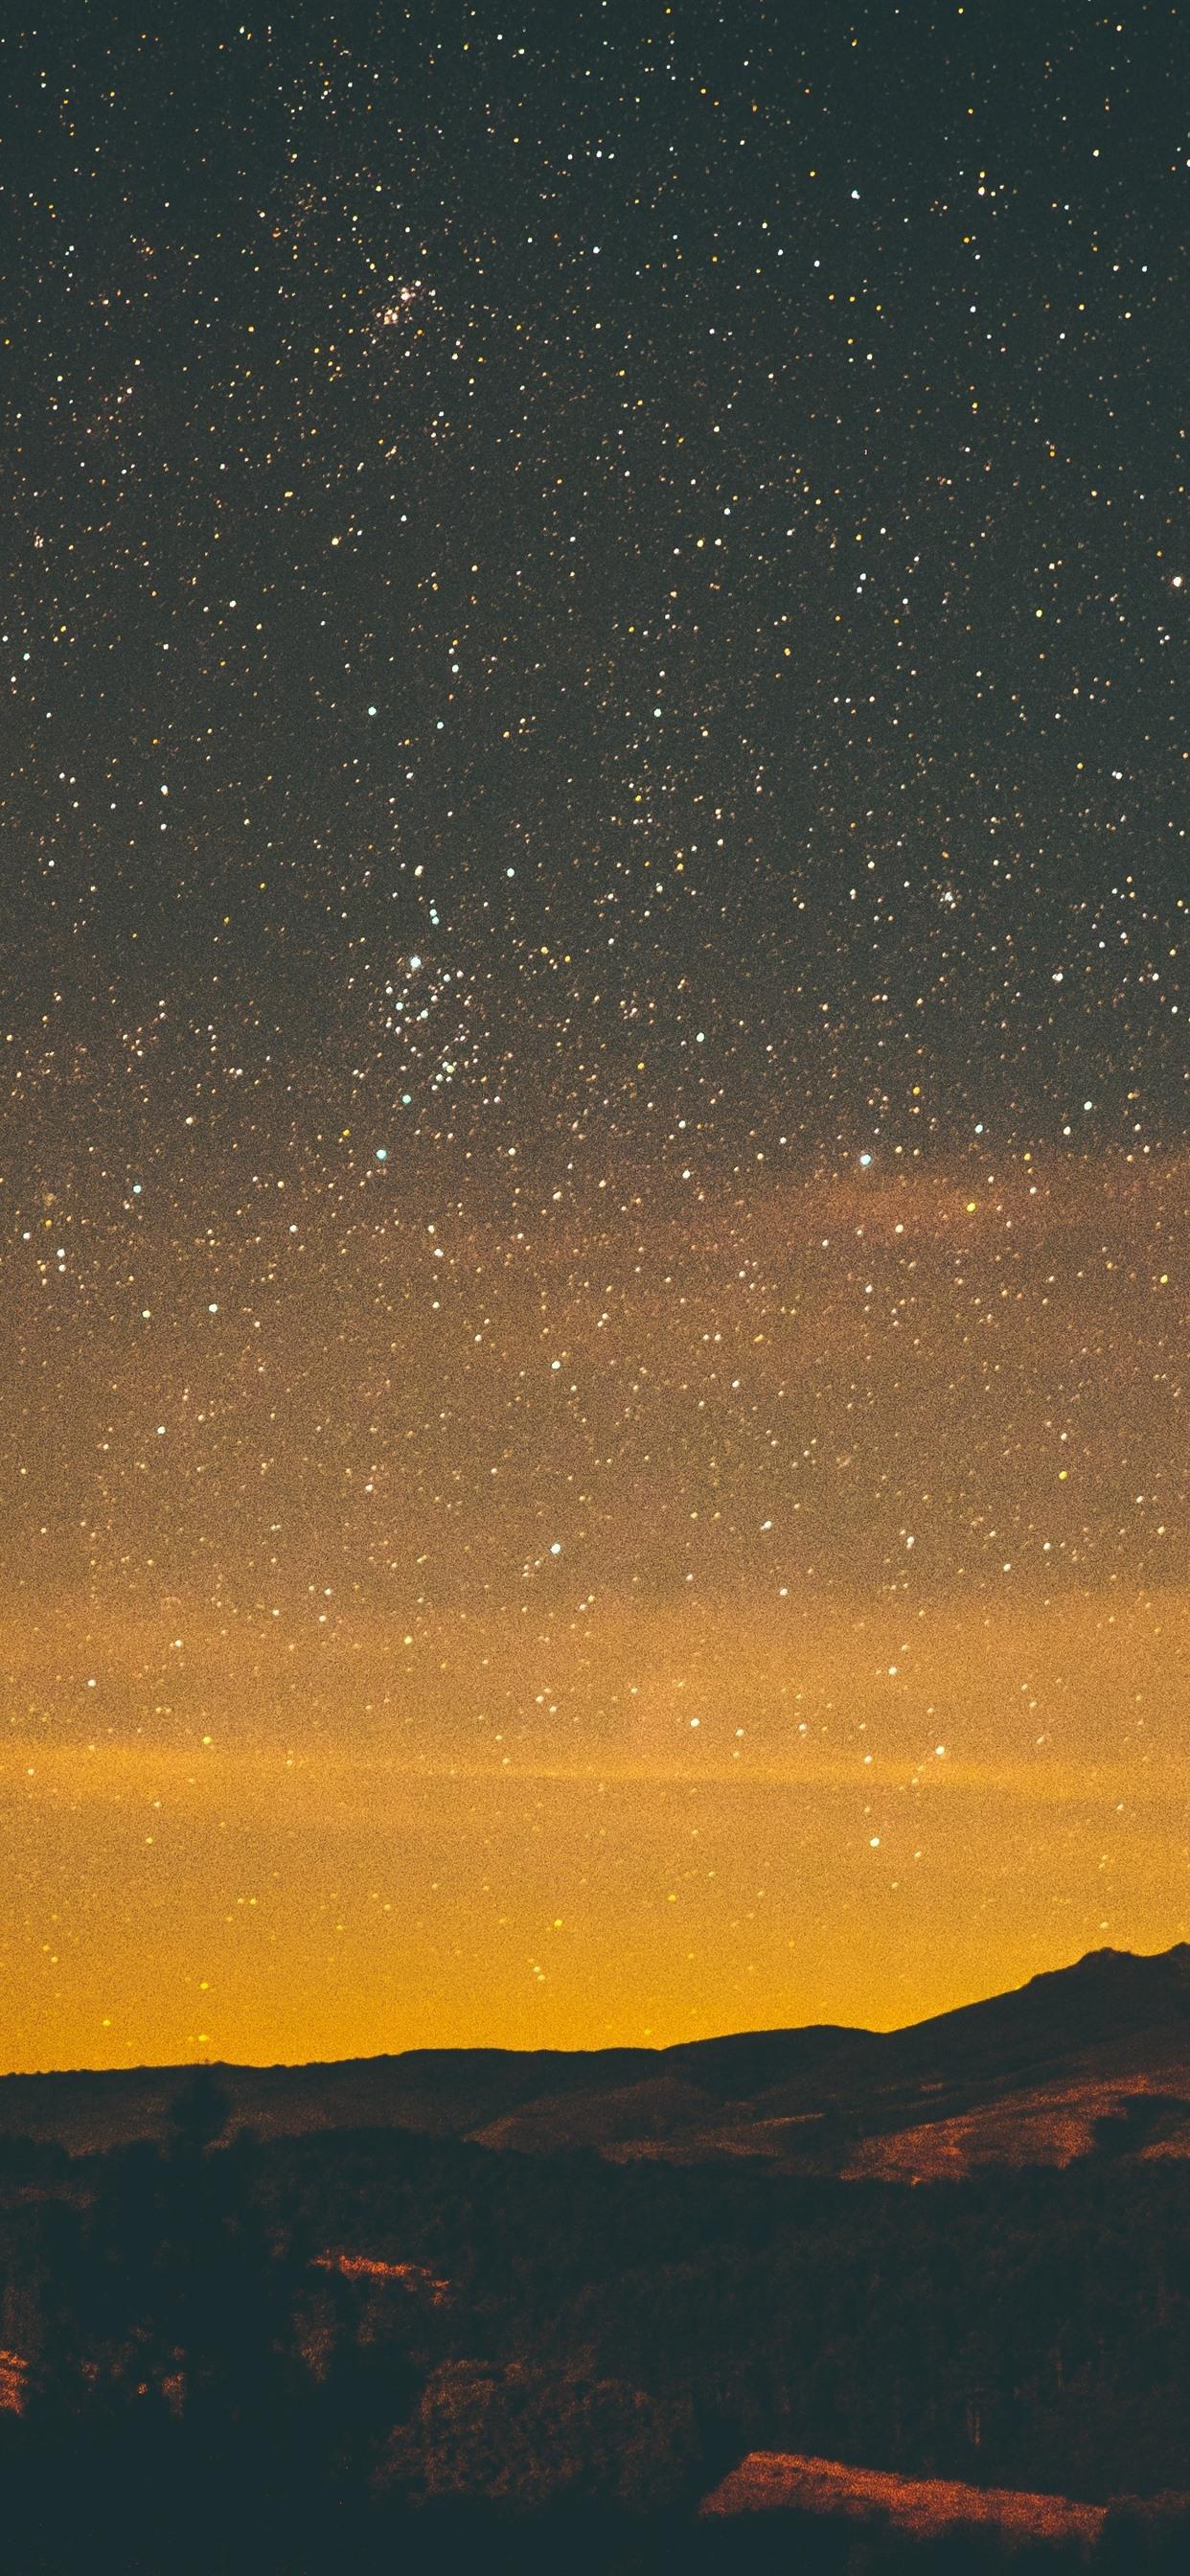 Starry, night, stars, sky 1242x2688 iPhone XS Max wallpaper